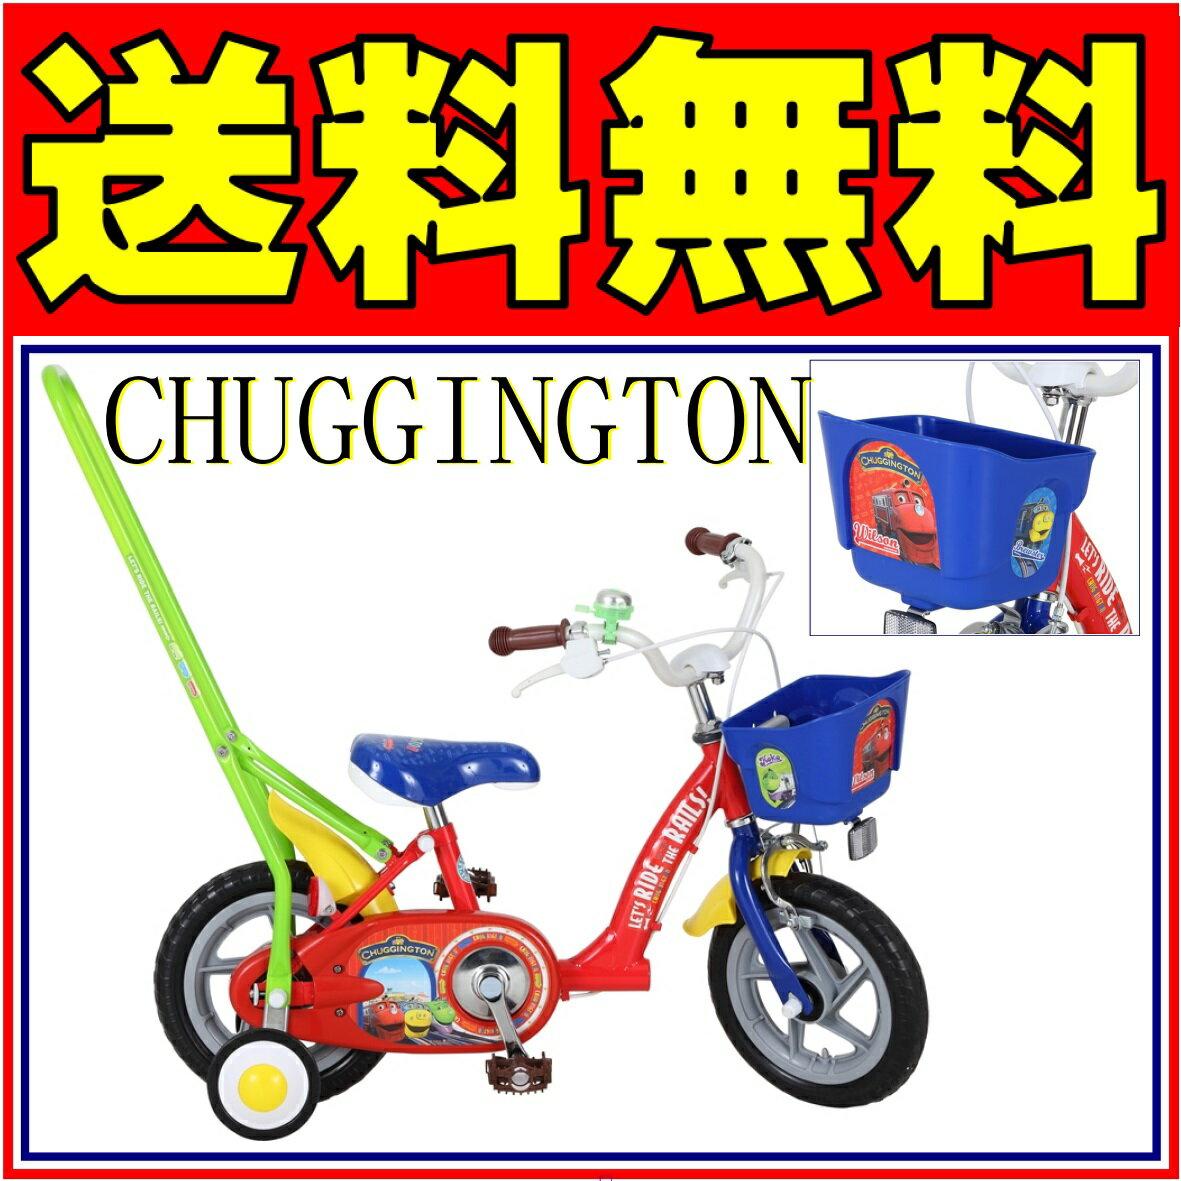 チャギントン 子供車(レッド)<男の子に最適>子供用 自転車 12インチ  送料無料 補助輪付き チャギントン 自転車 子ども用 CHAGGINTON クリスマス